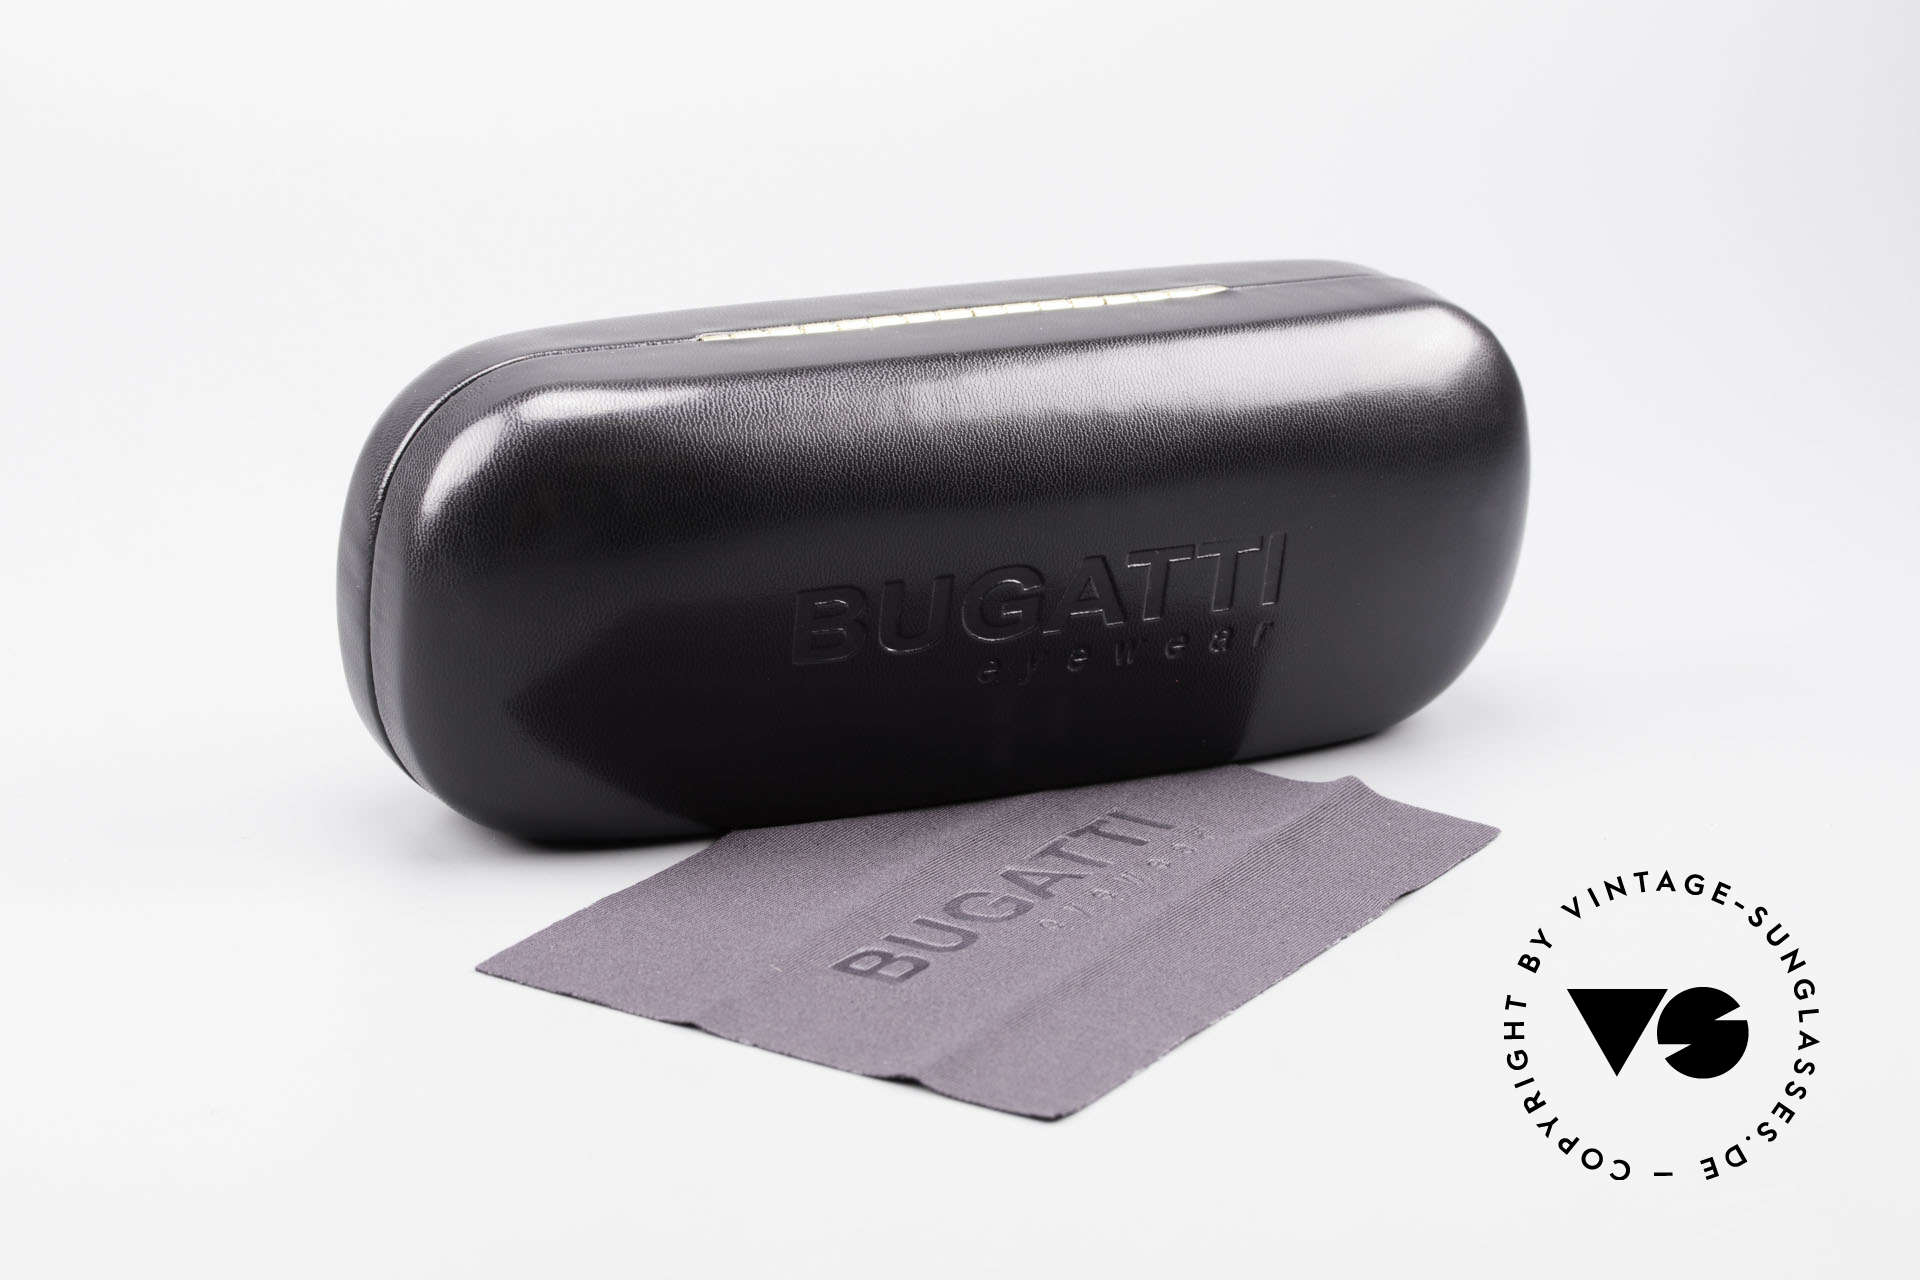 Bugatti 15769 Bronze Braun Metallic Fassung, Größe: medium, Passend für Herren und Damen